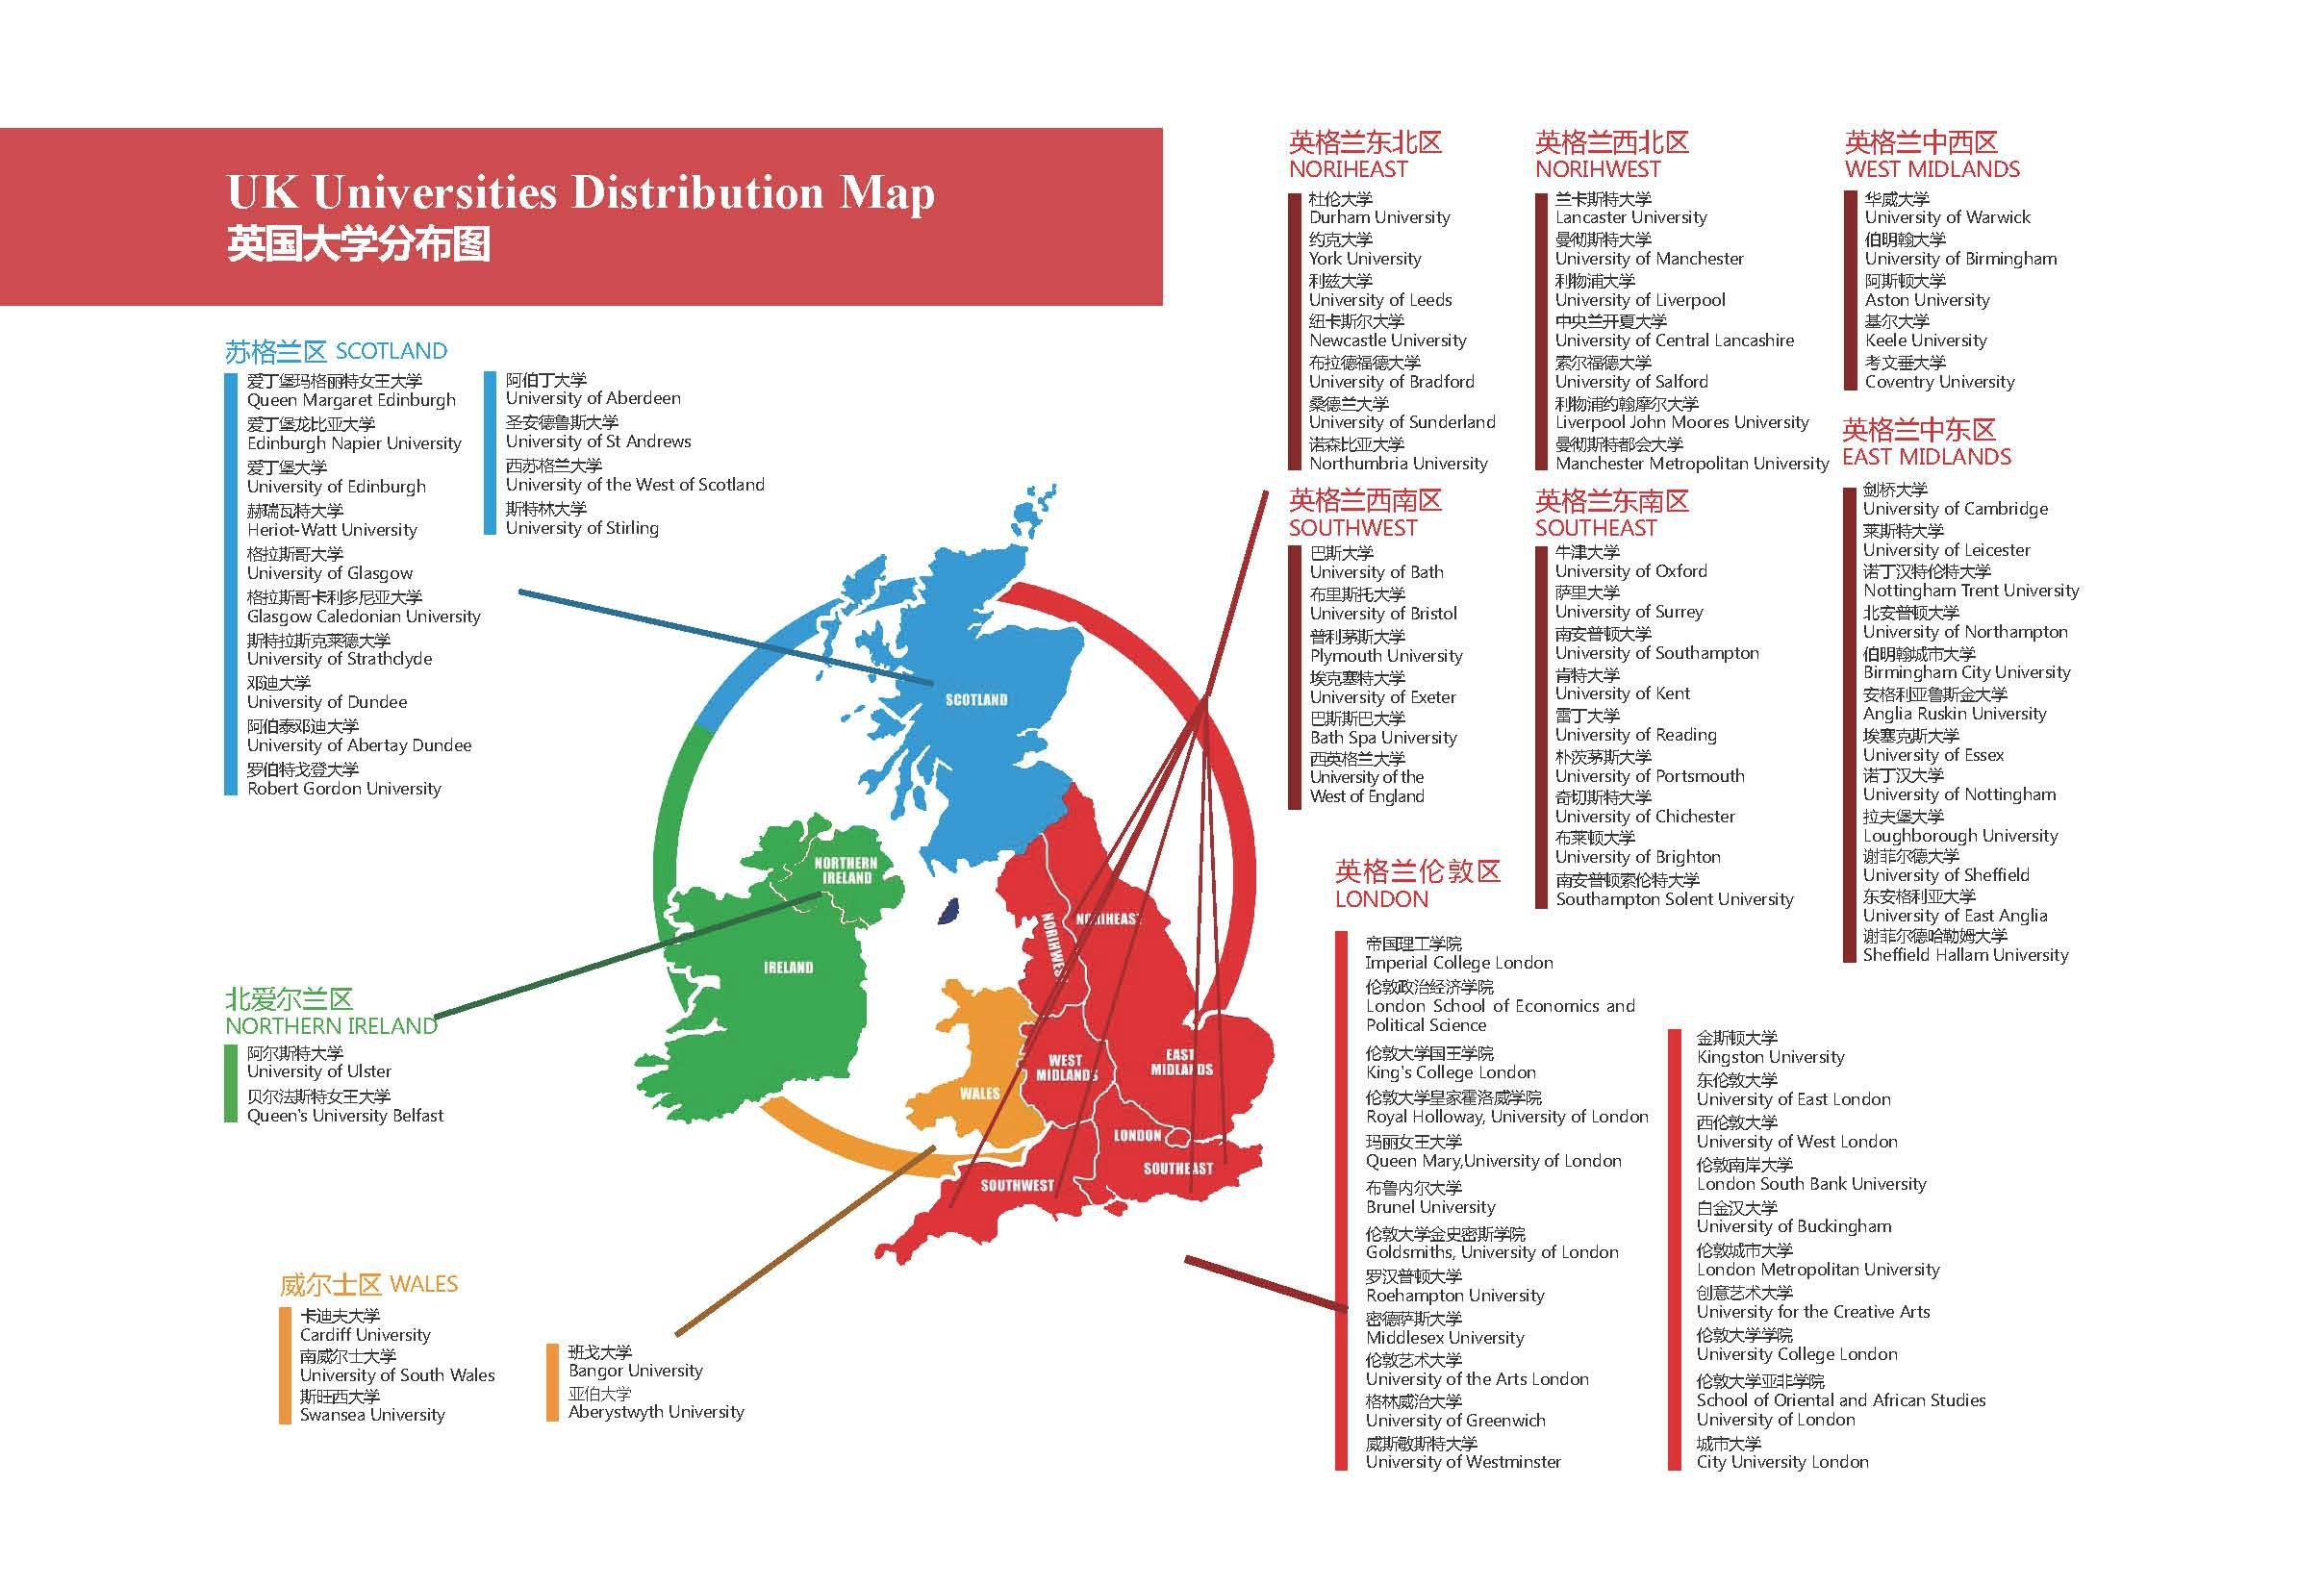 英国大学分布图一览 百强大学地理位置大揭密